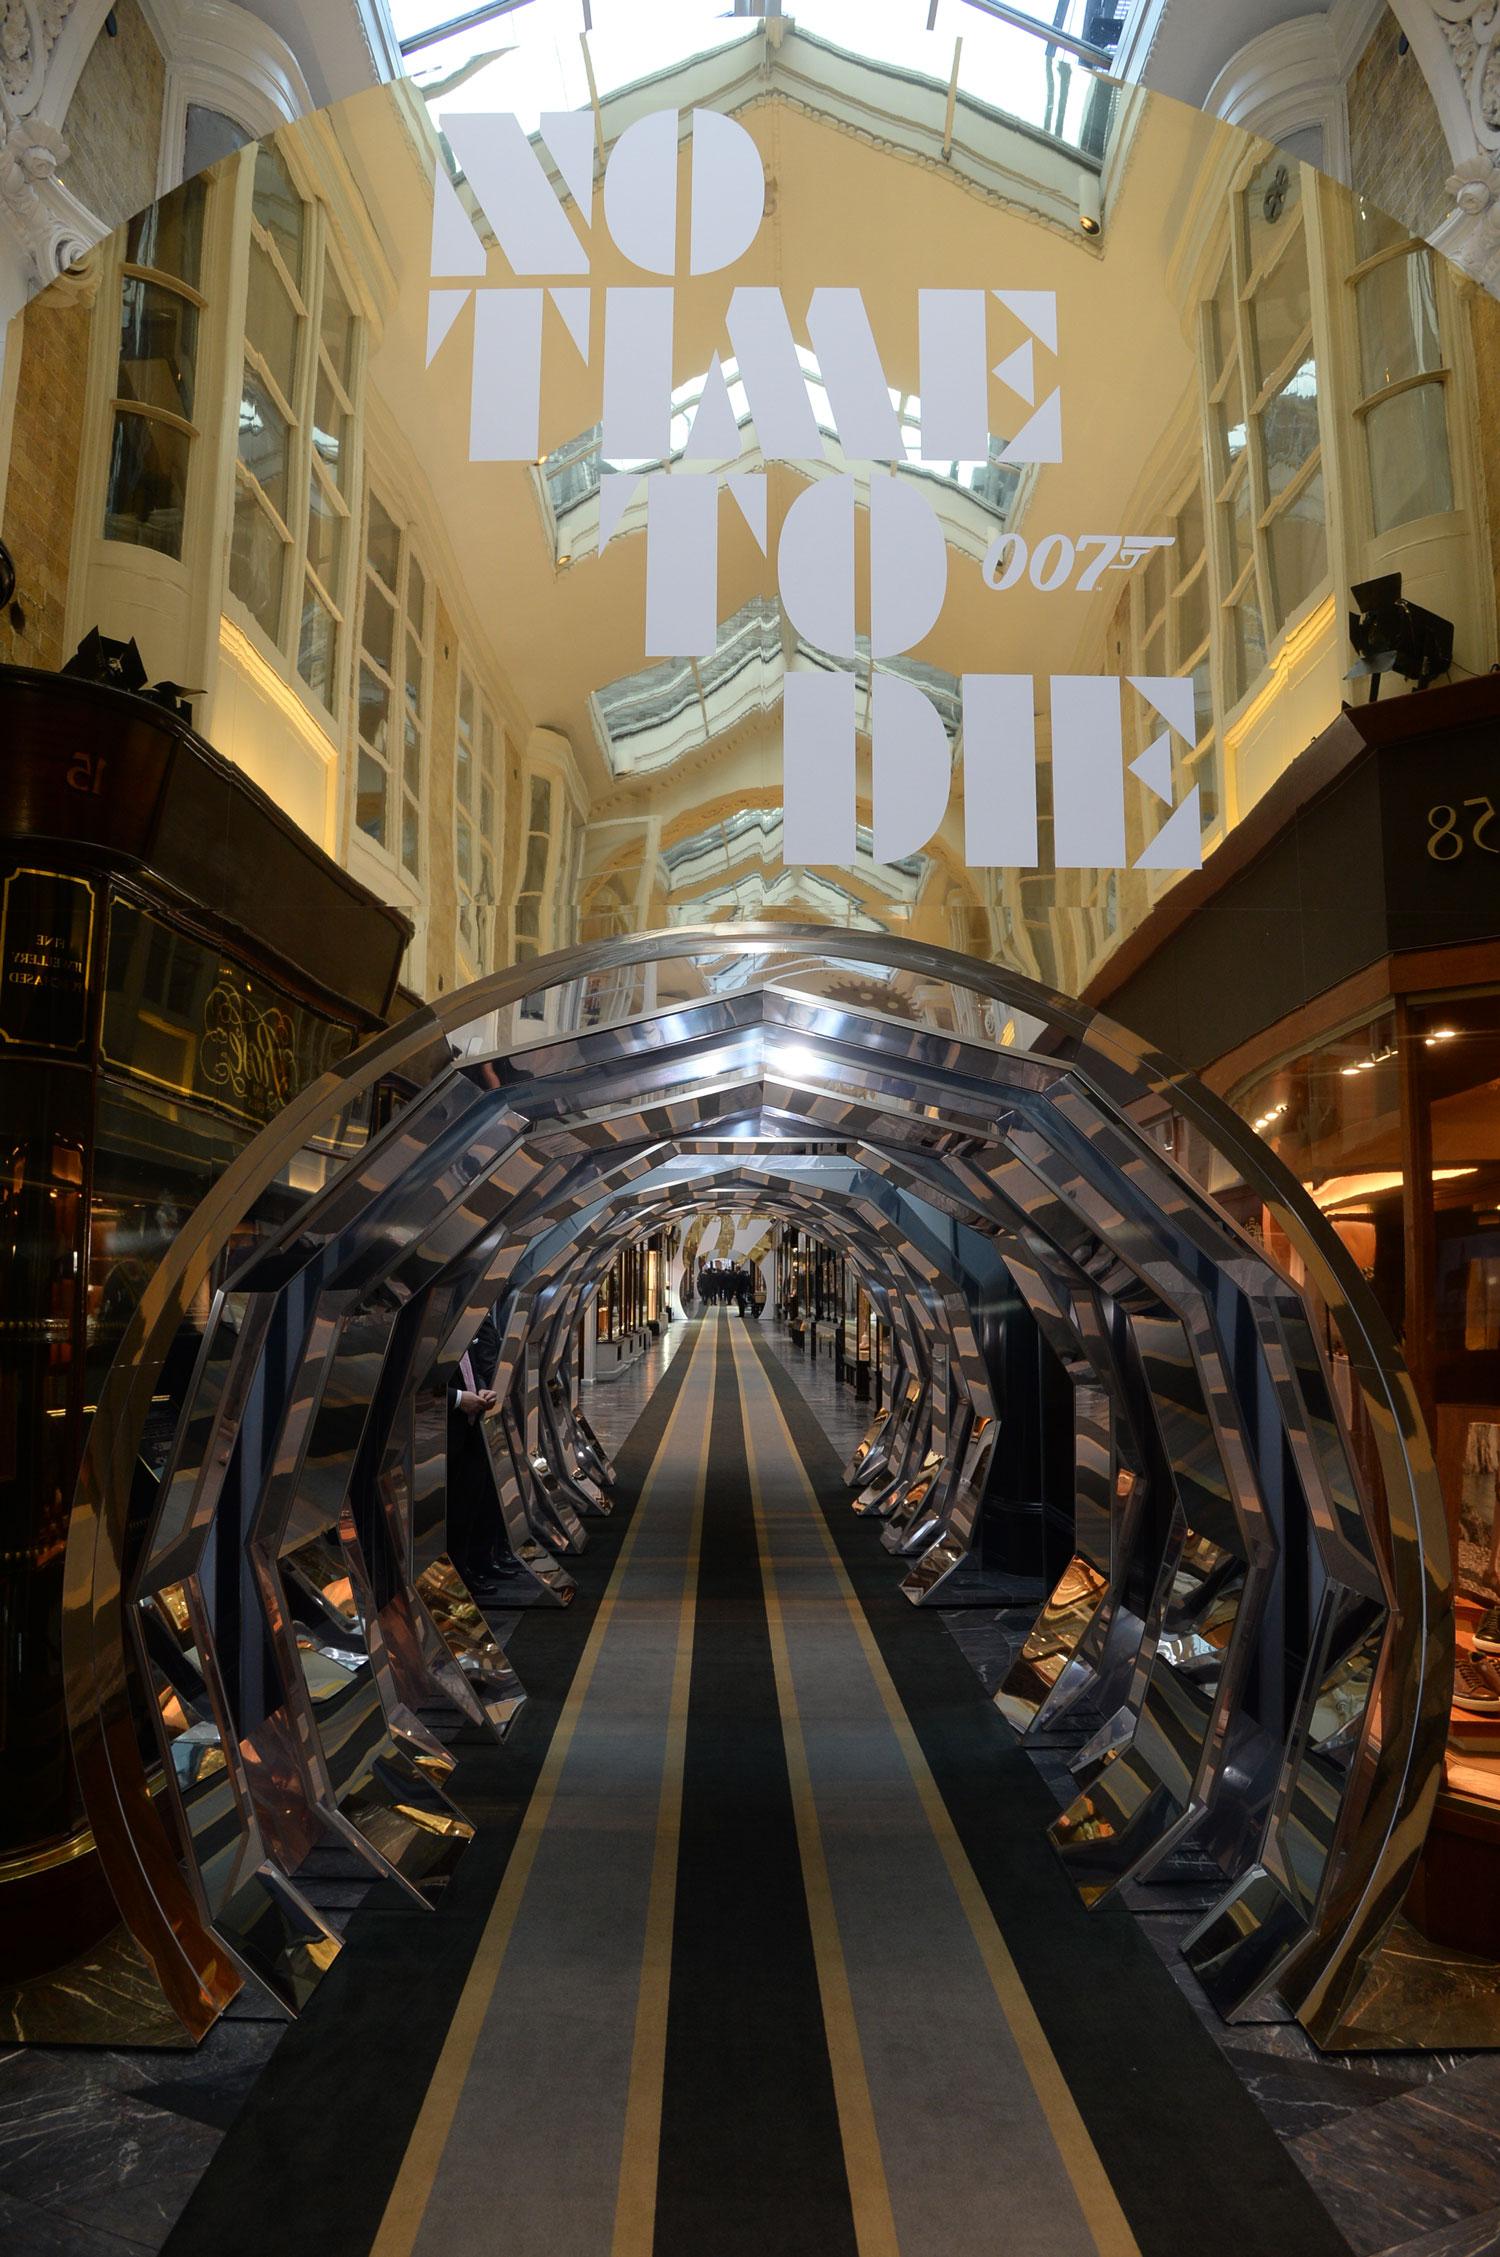 Burlington Arcade No Time to Die Mirror